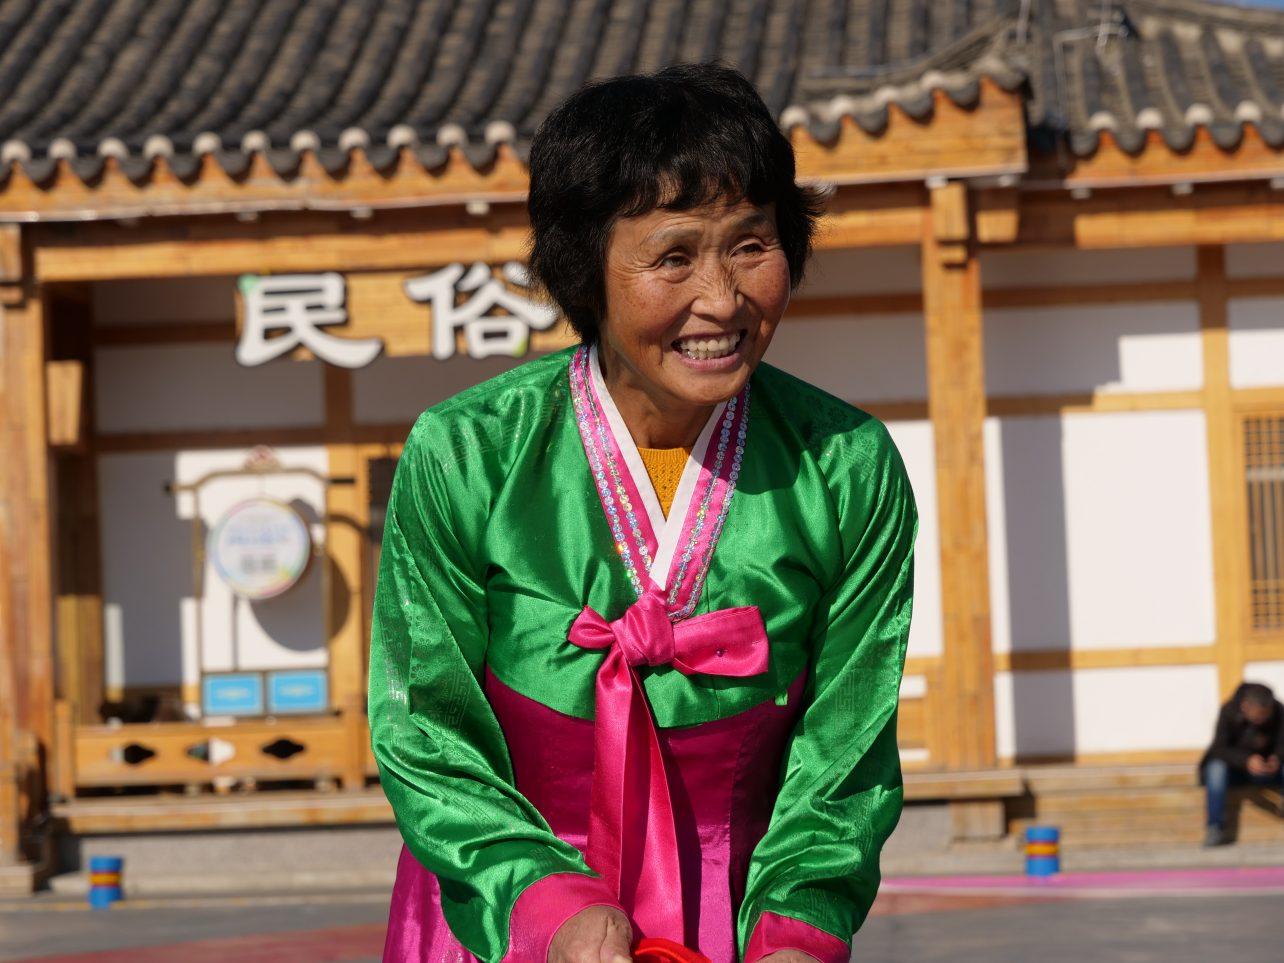 Une habitante du village de Jindalai revêtu d'un vêtement traditionnel coréen